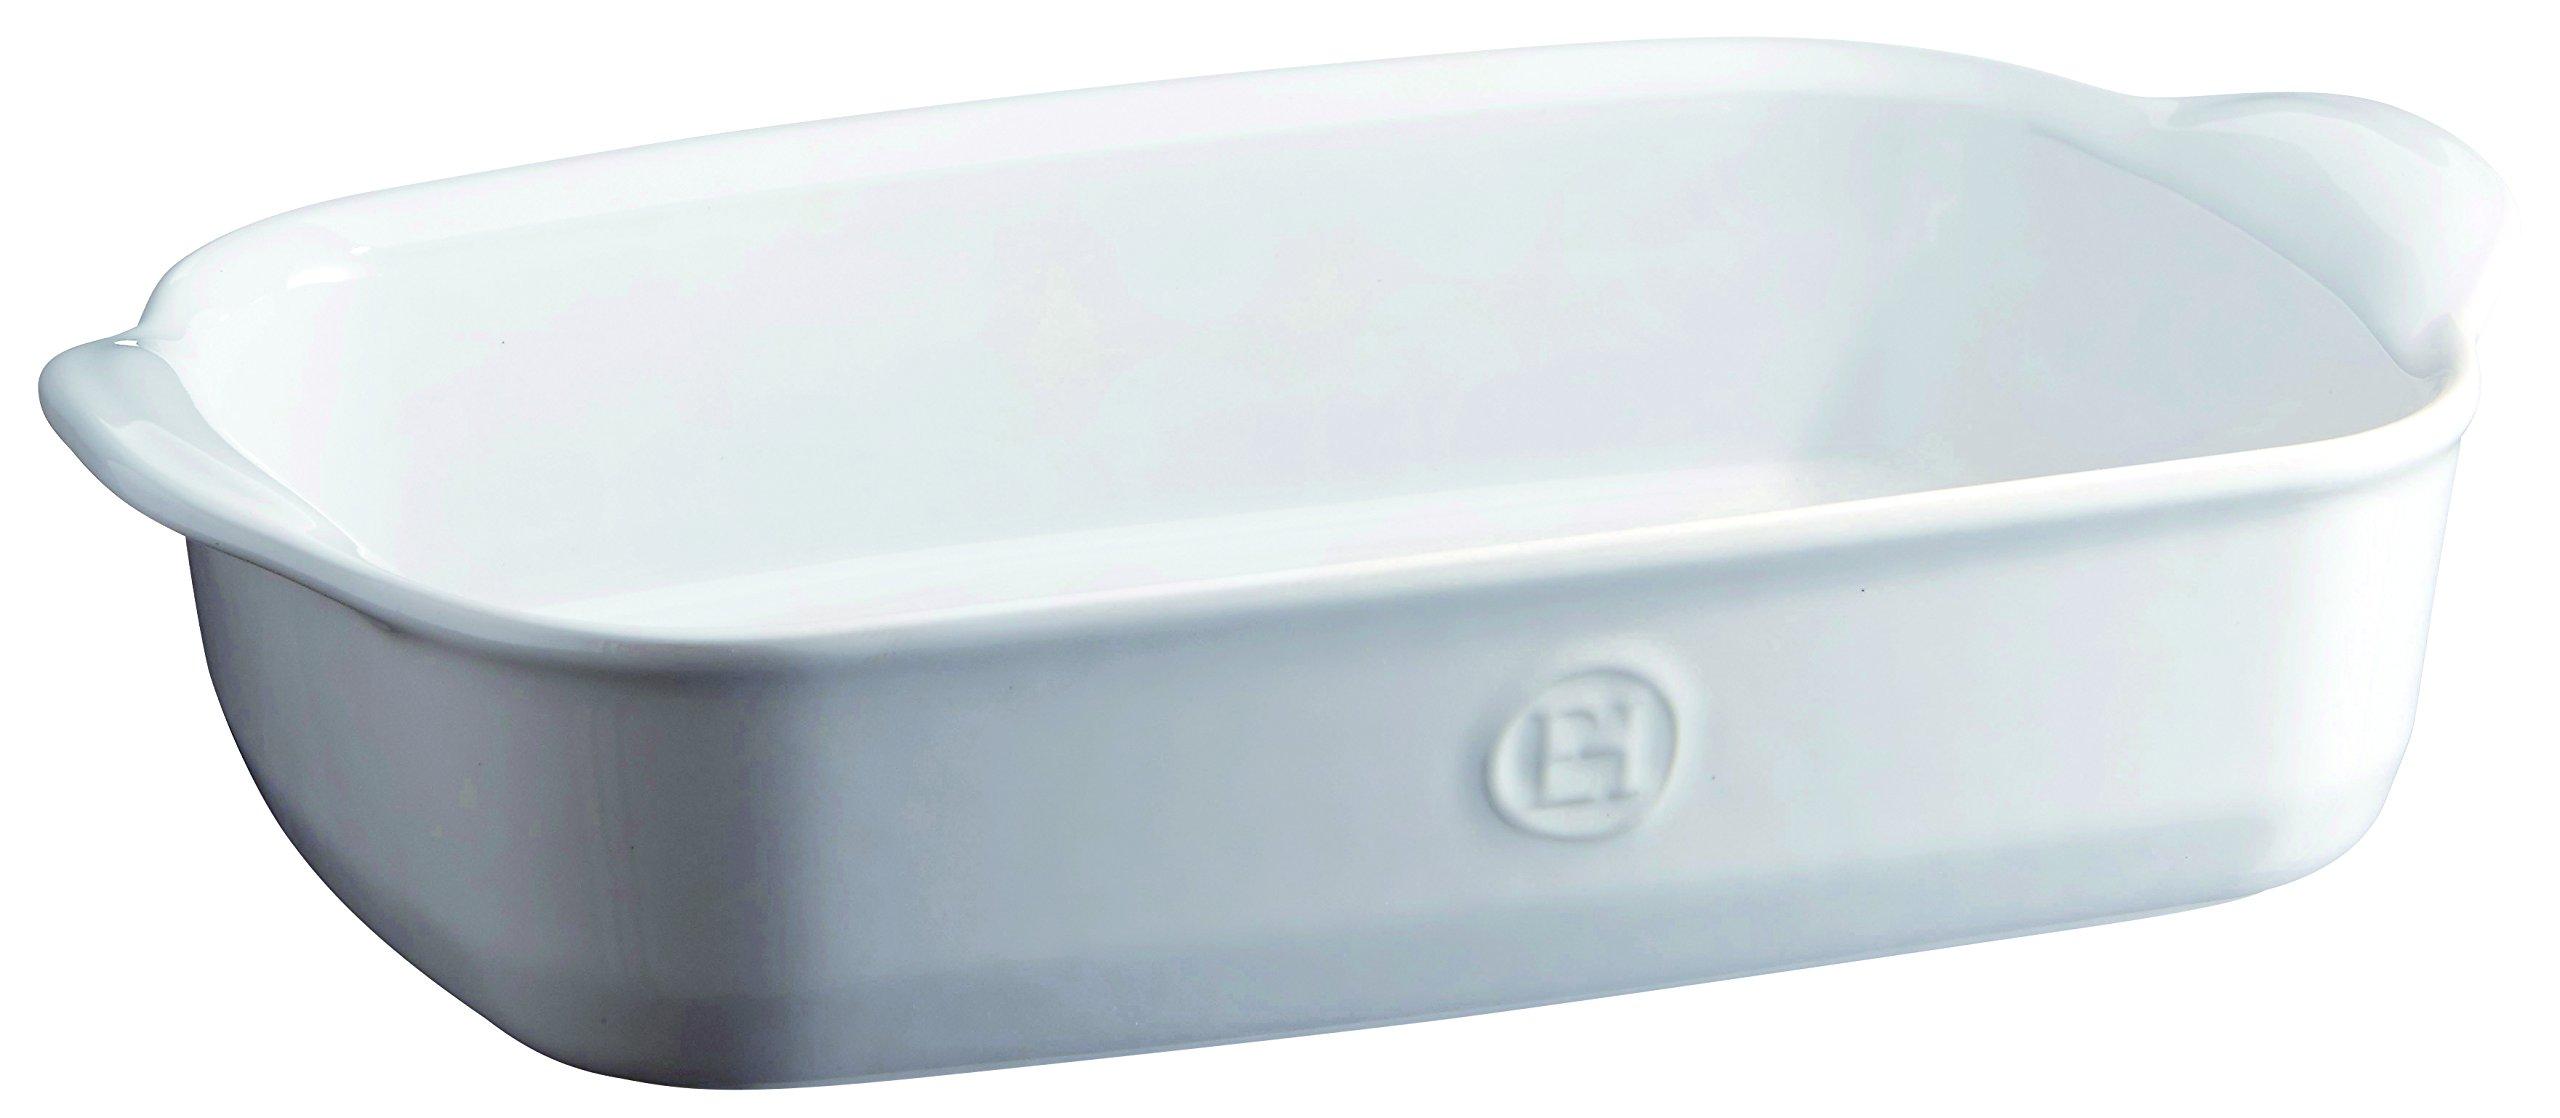 Emile Henry 119650 France Ovenware Ultime Rectangular Baking Dish, 11.4 x 7.5, Flouro